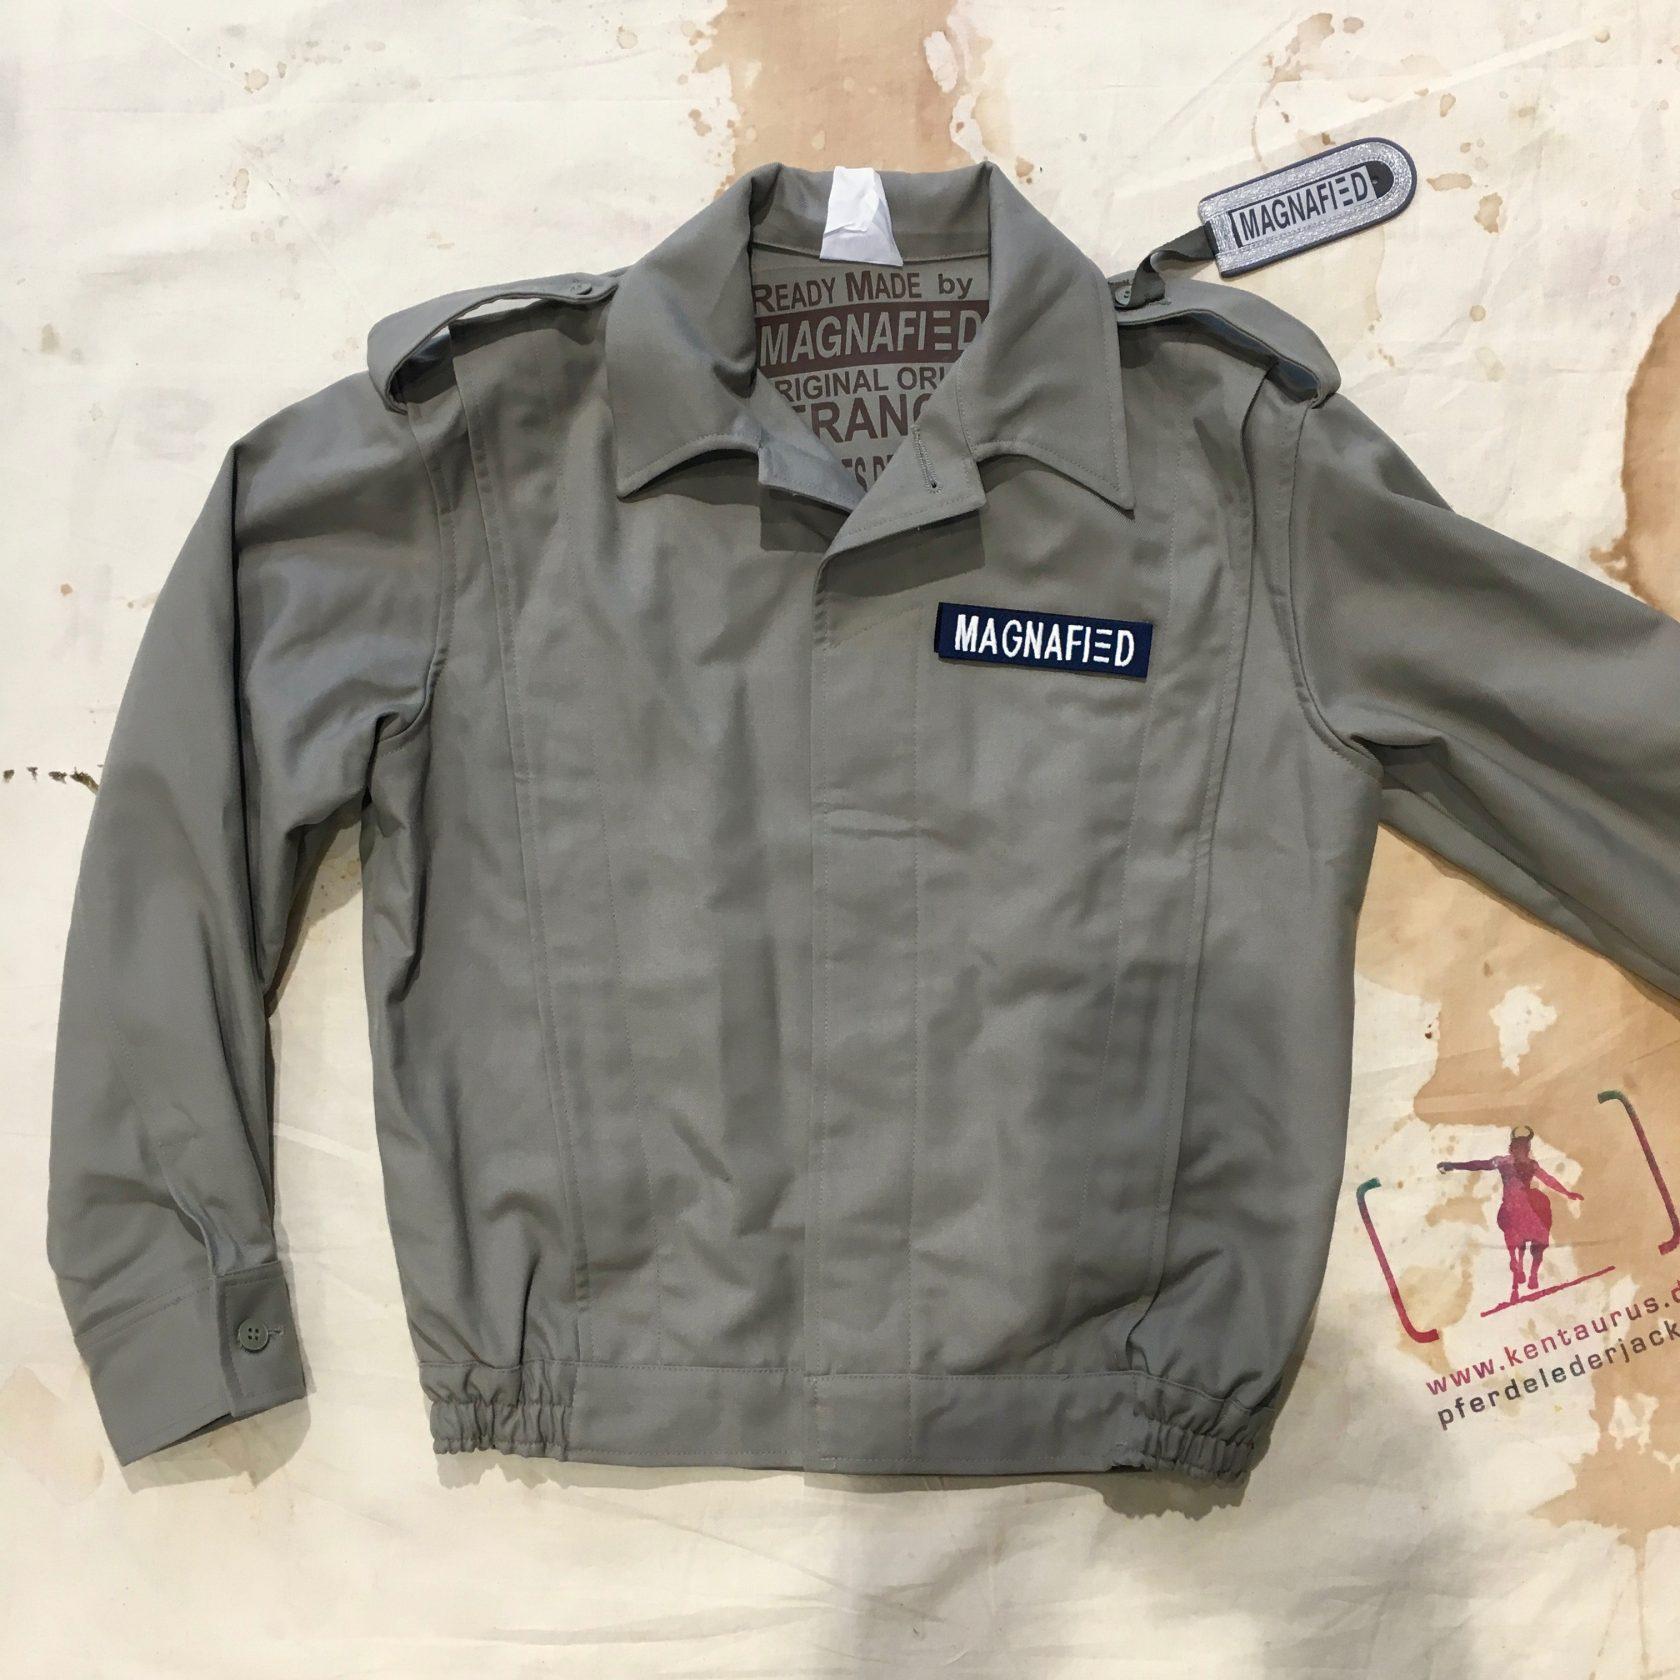 Magnafied vintage de Gaulle jacket